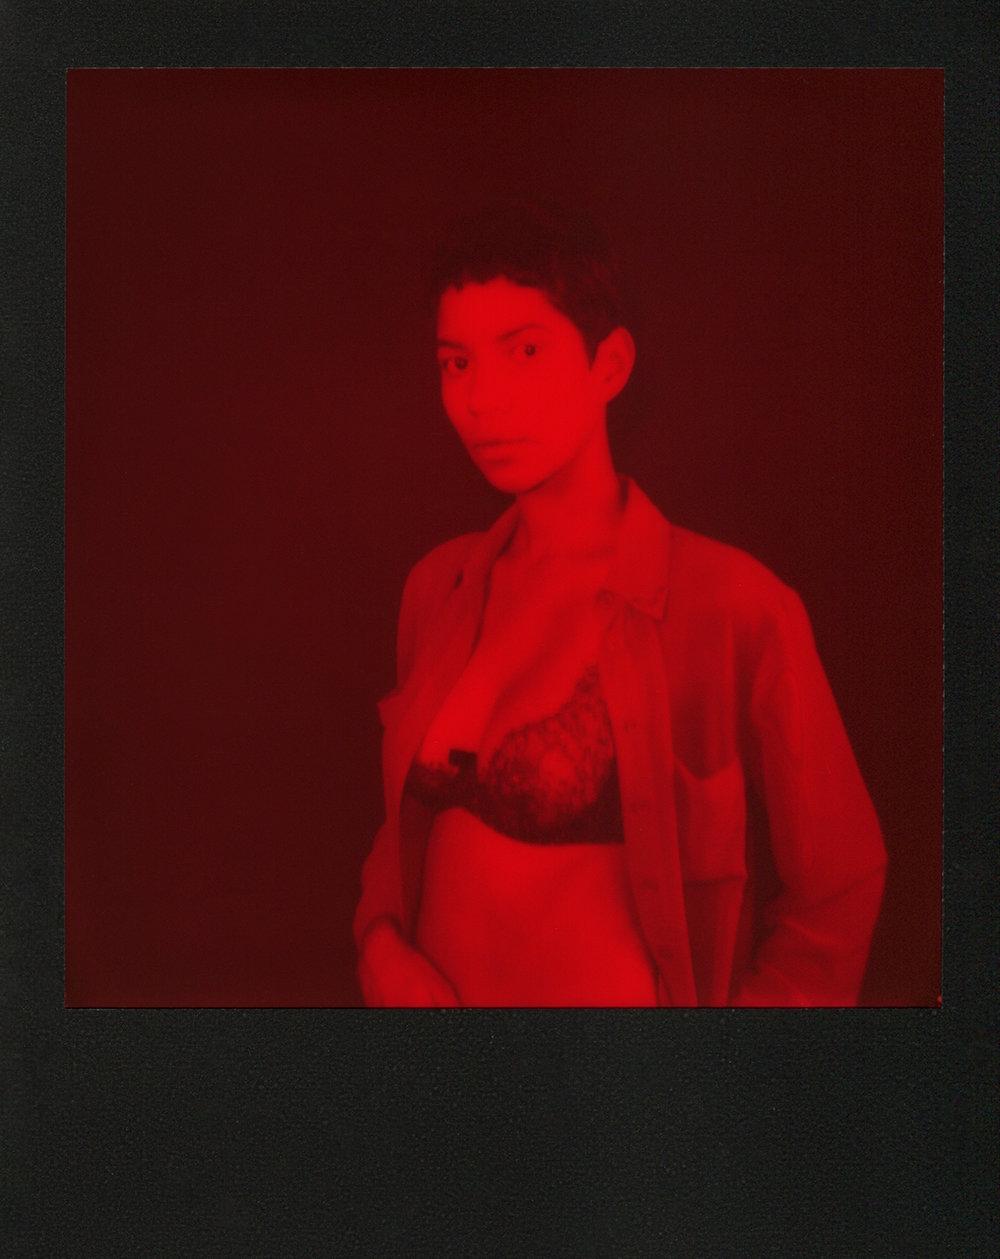 Emily-Red-Polaroid-casenruiz.jpg